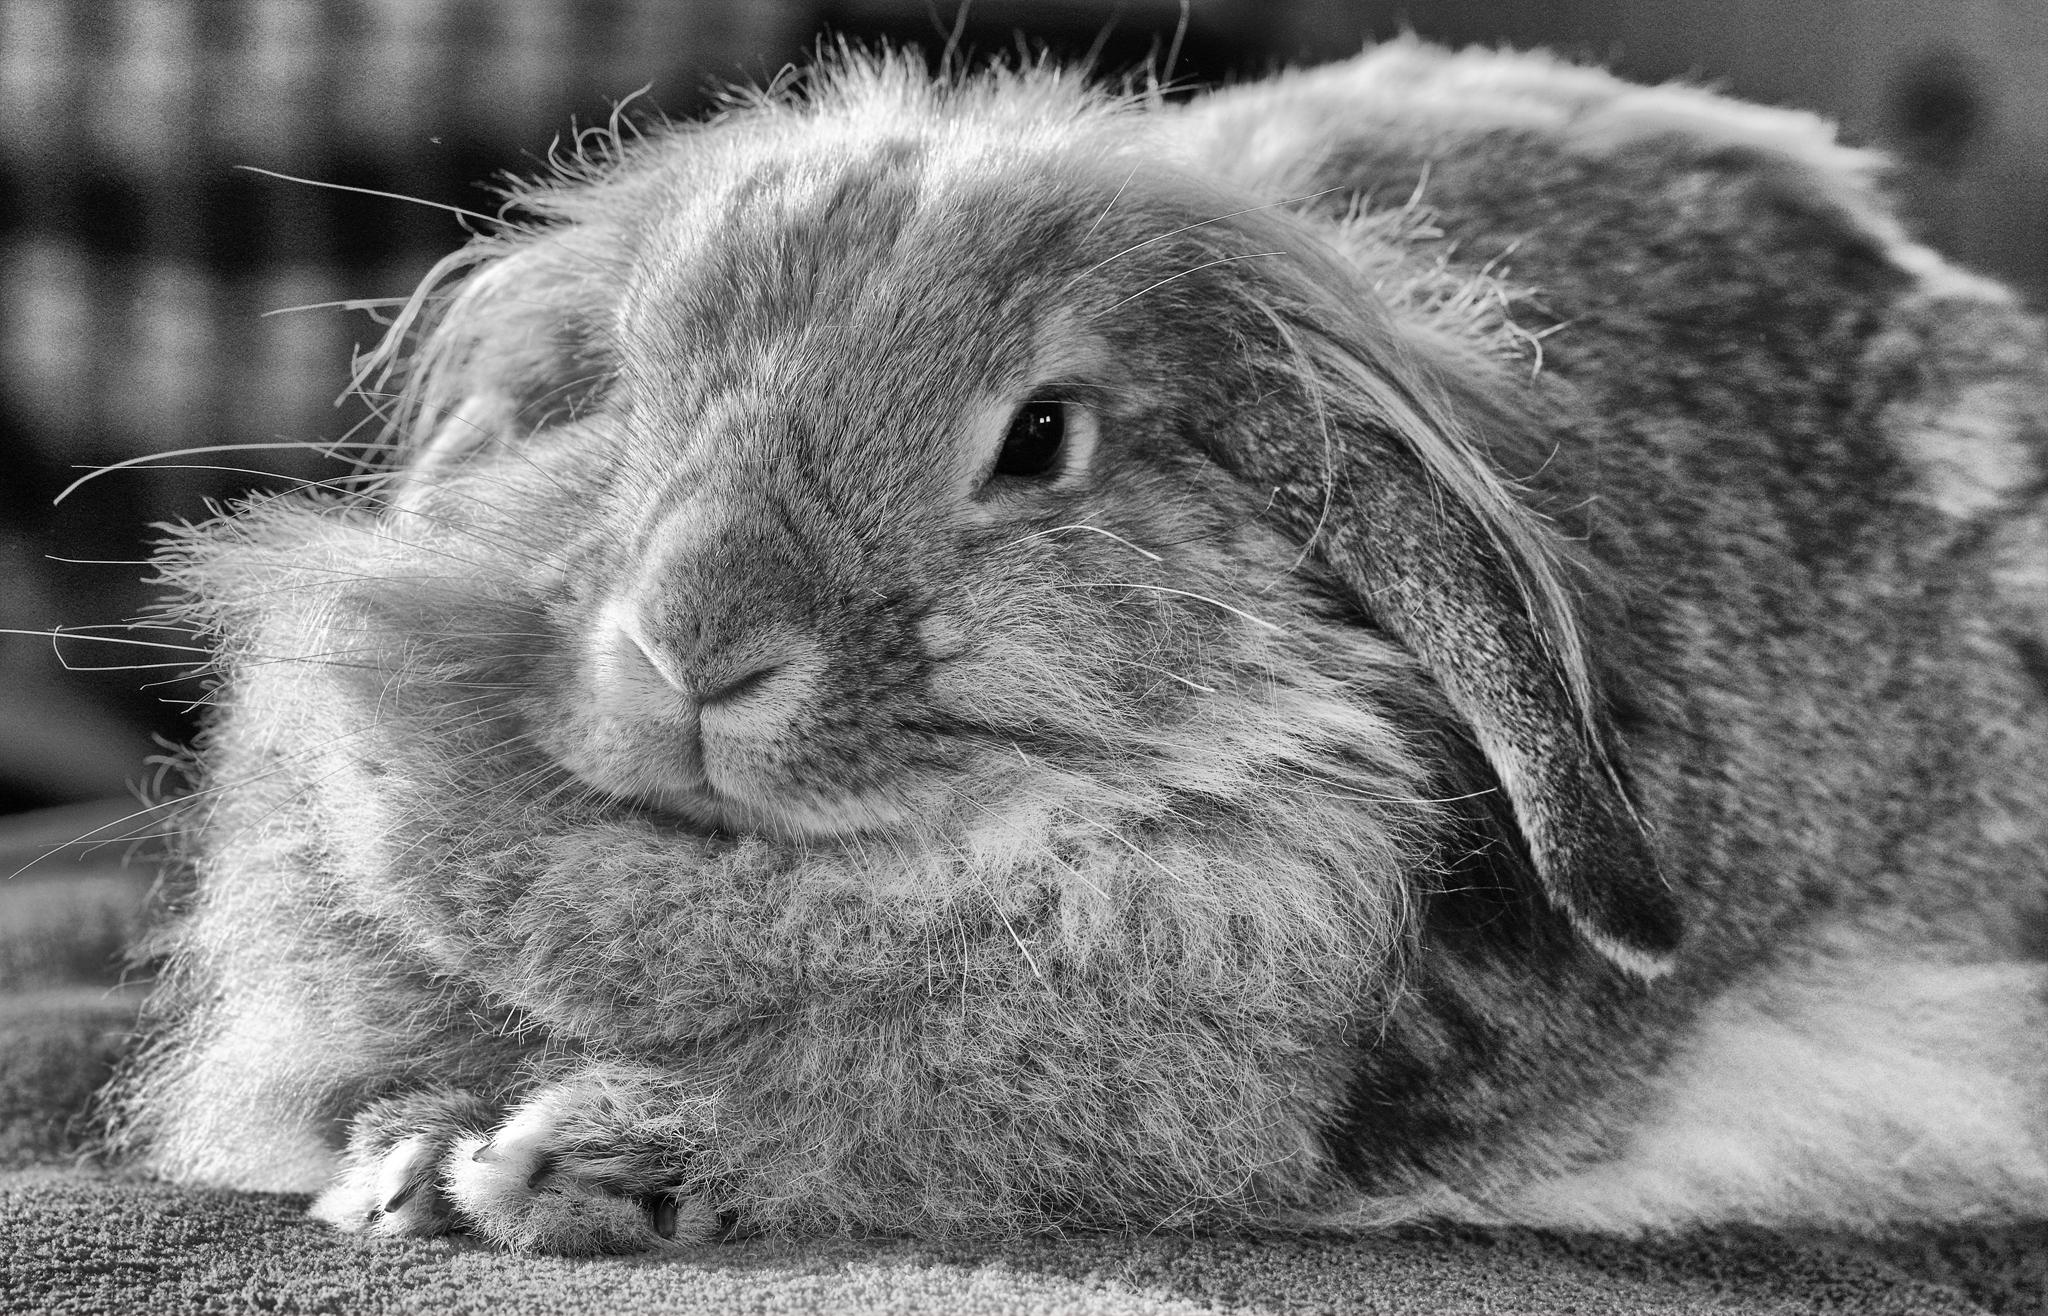 картинка лохматый заяц его родителя